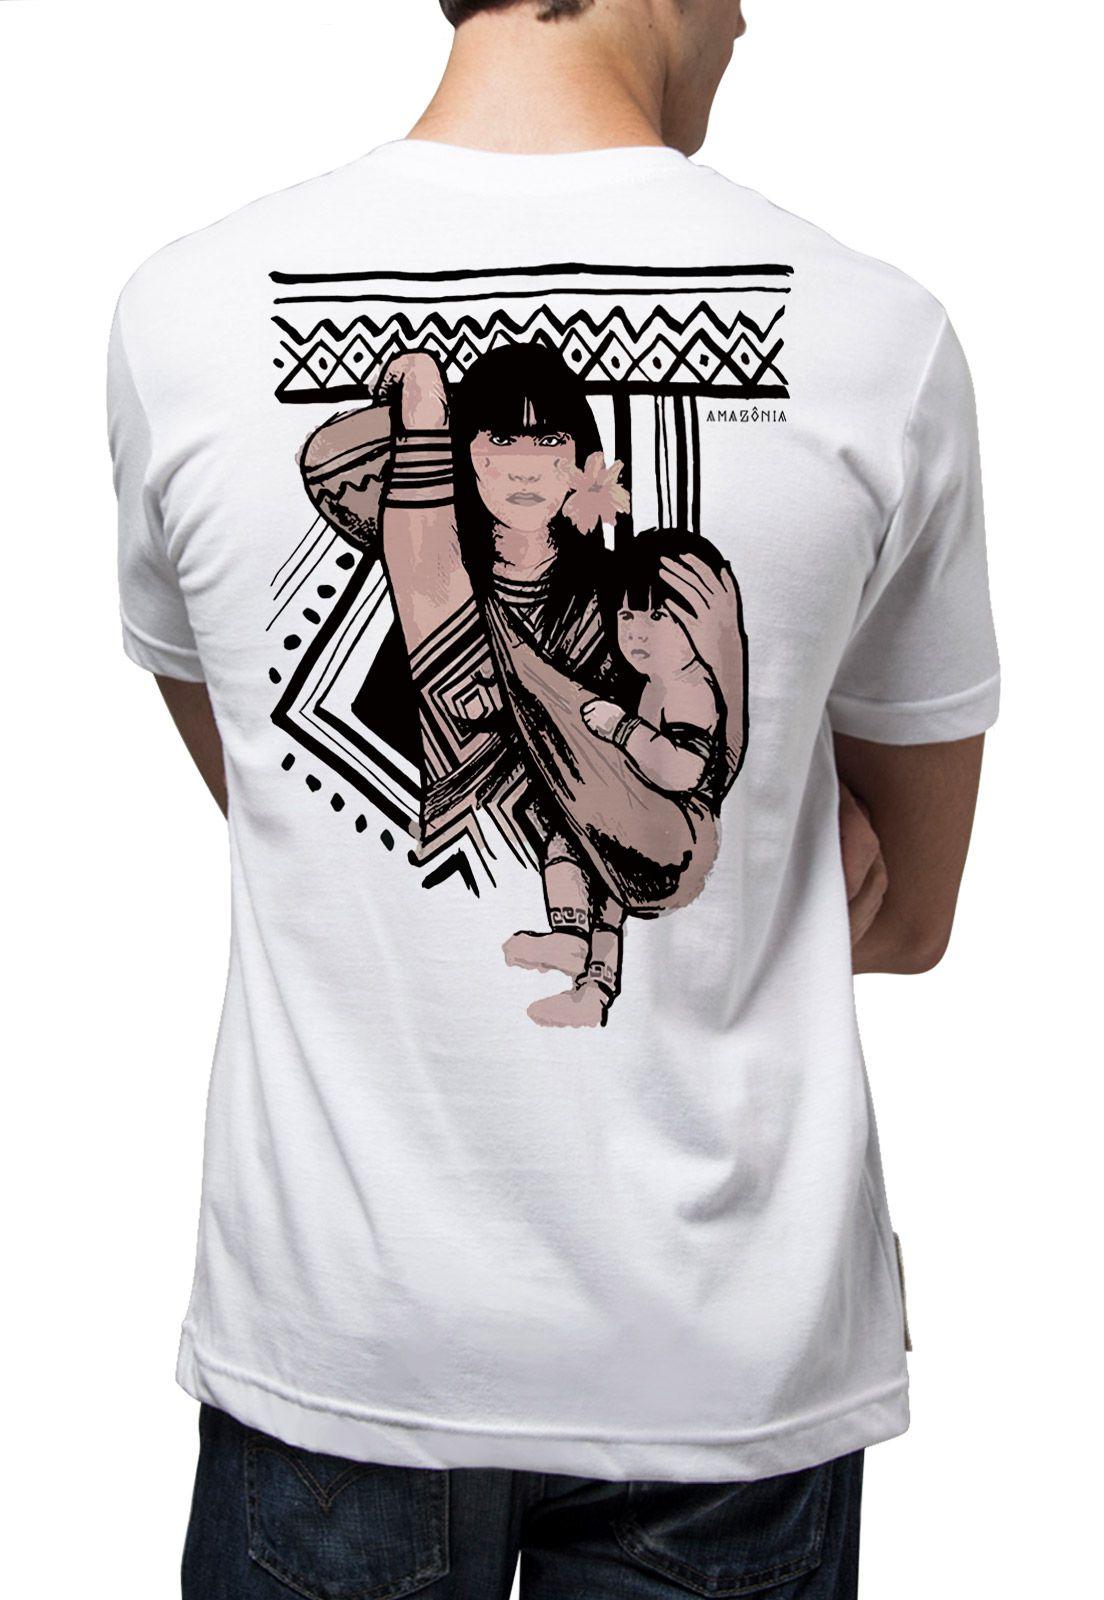 Camiseta Amazônia Família Indígena - Branco